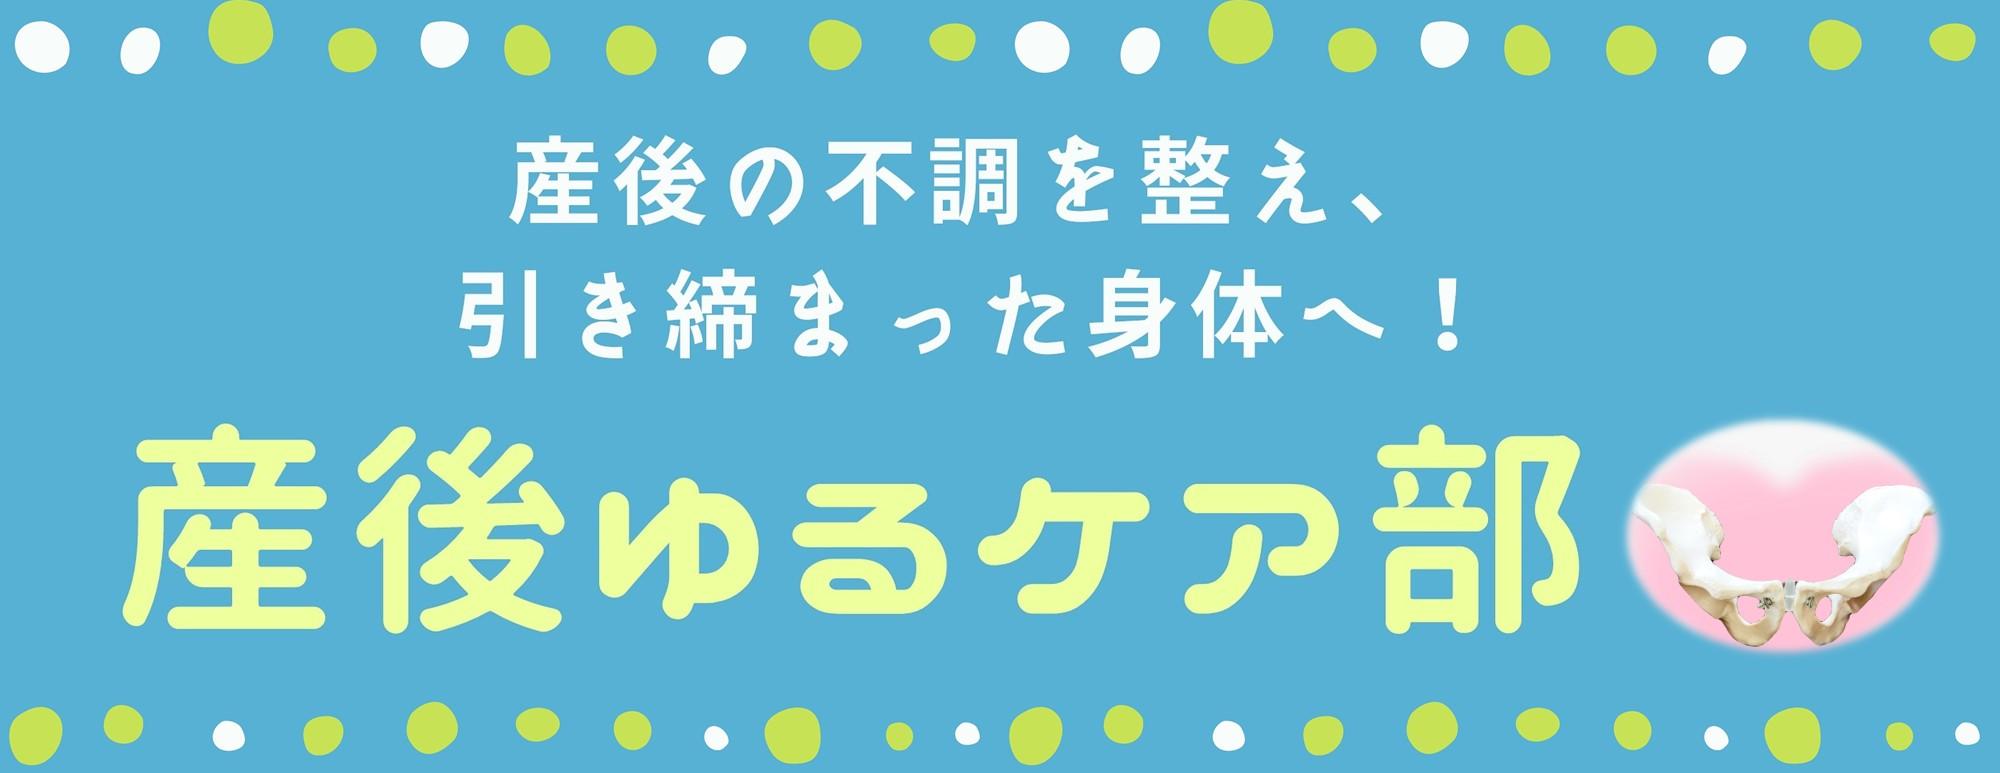 【無料オンラインレッスン】産後ゆるケア部